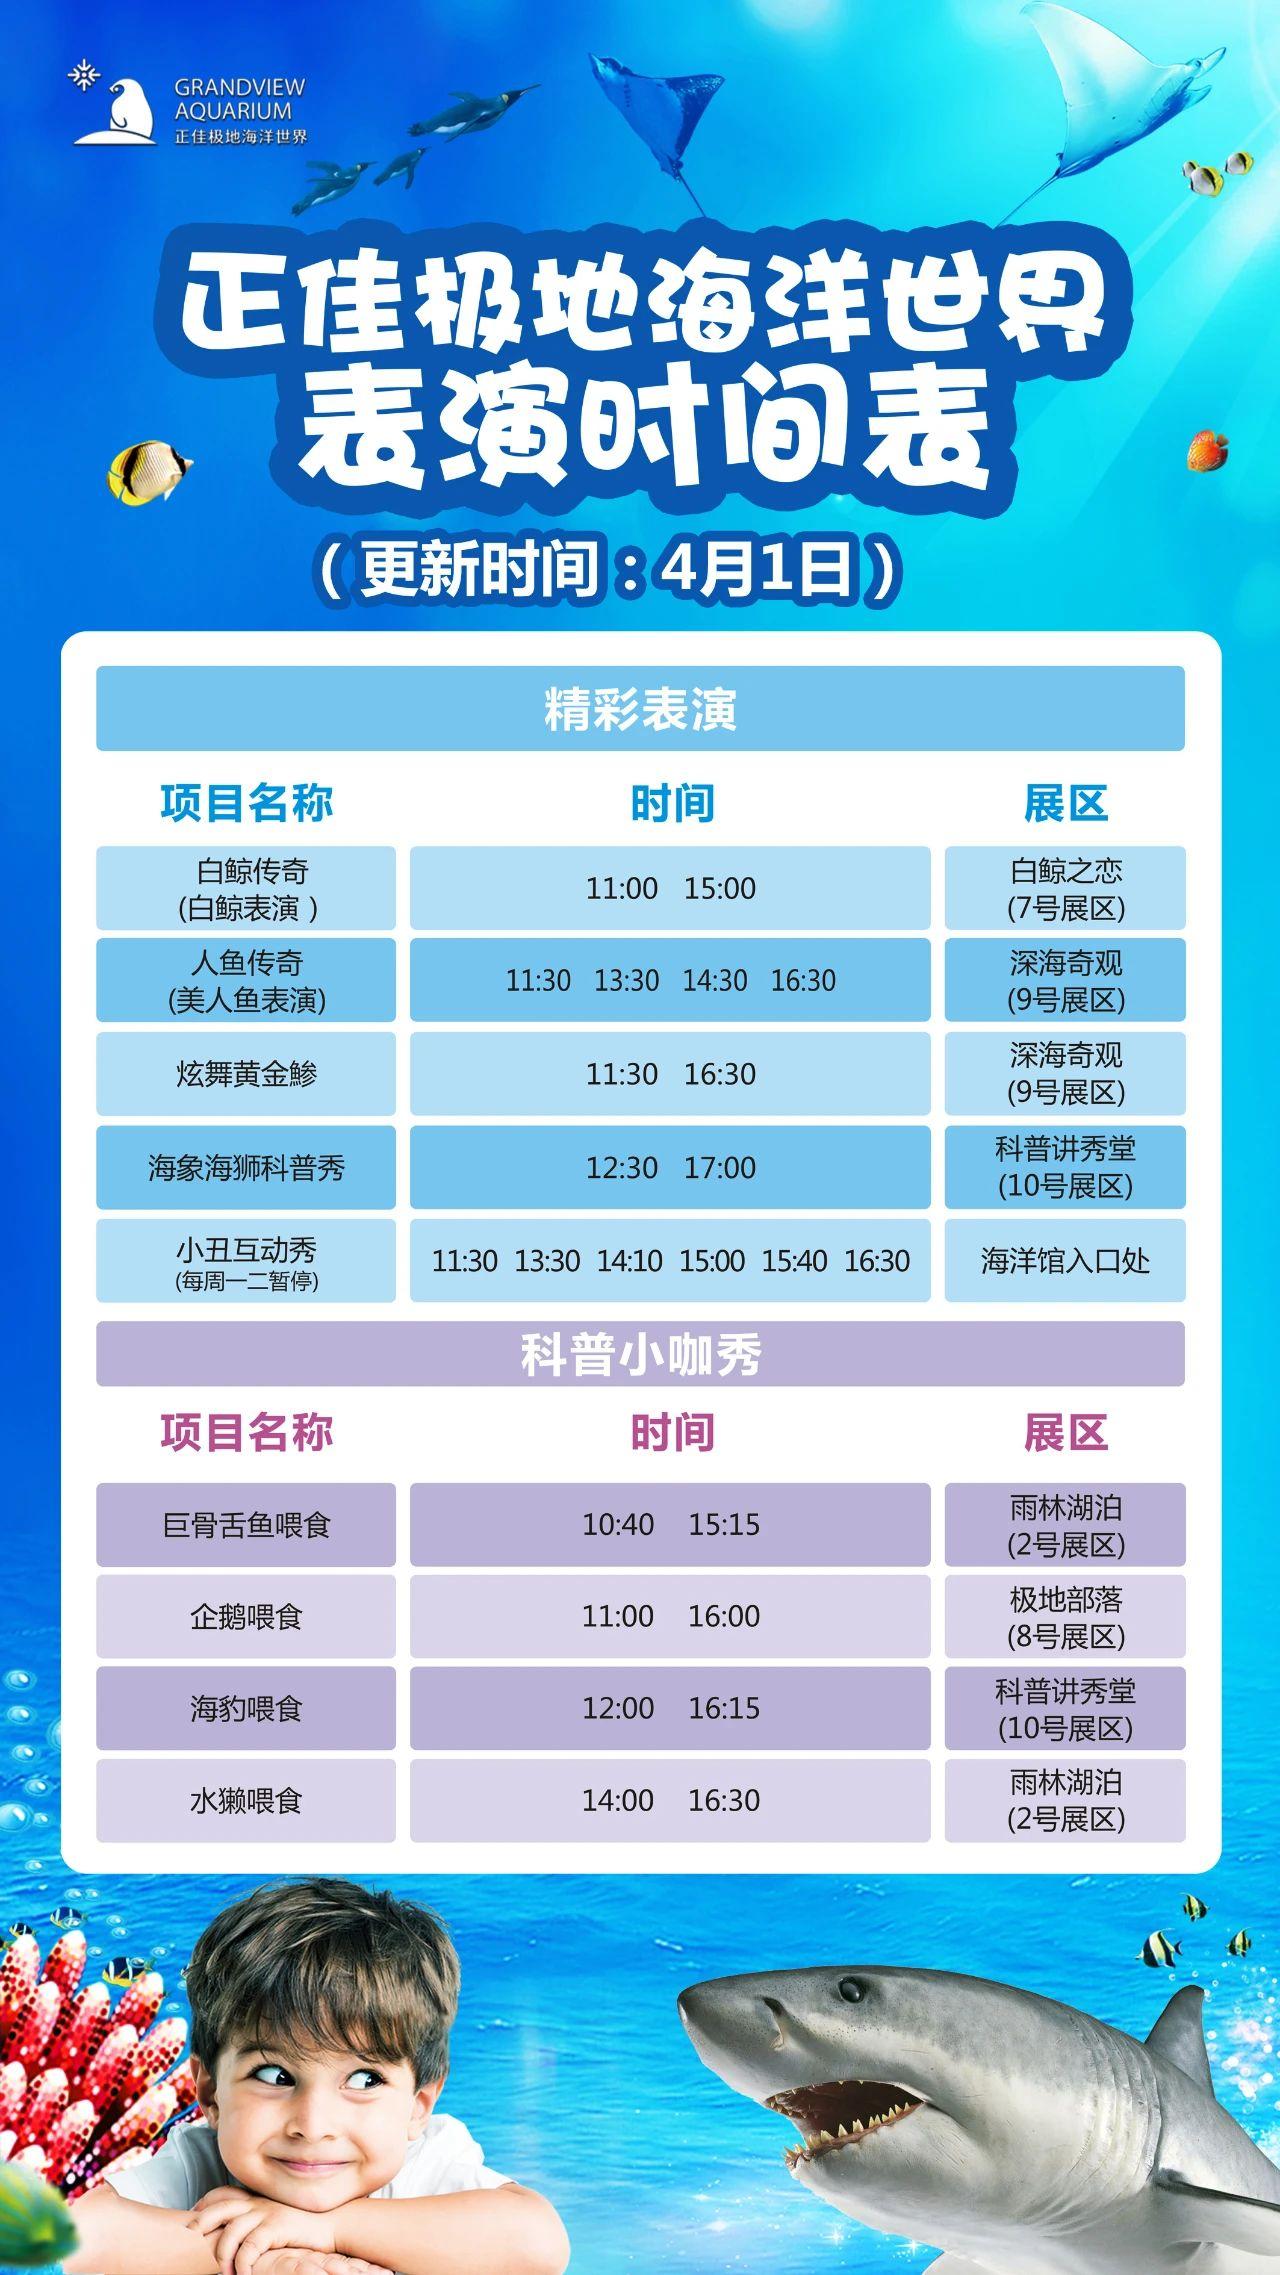 广州正佳极地海洋世界表演时间表、交通攻略(地铁+公交)